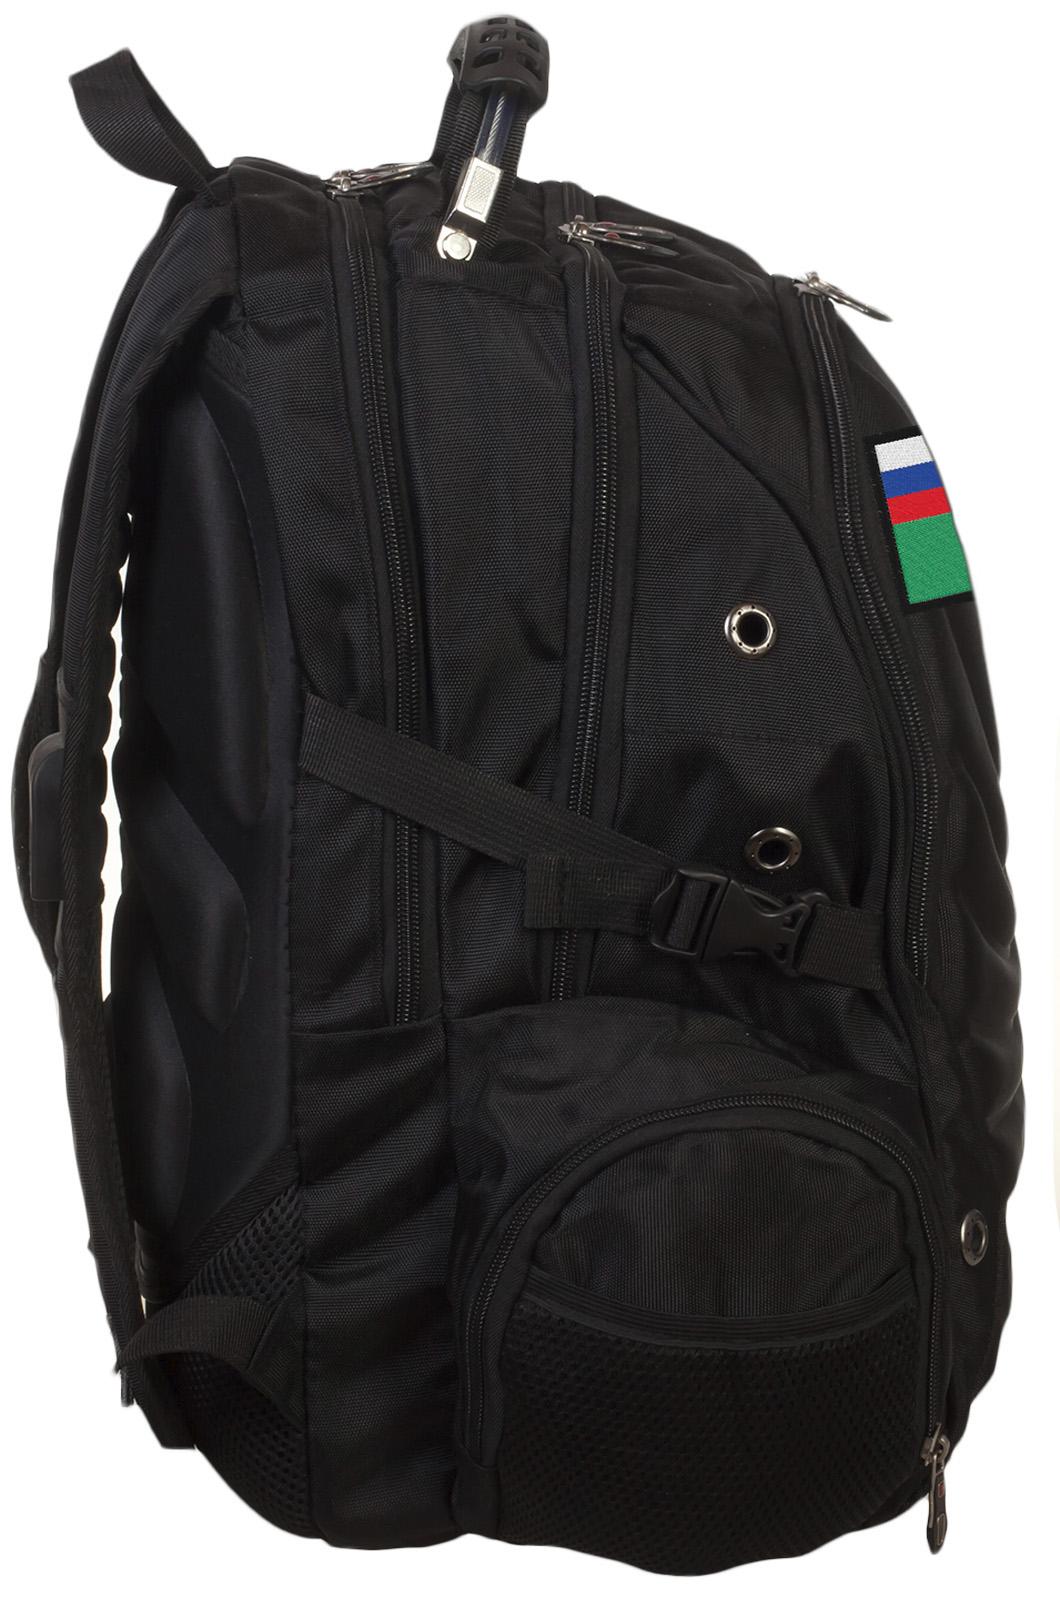 Надежный вместительный рюкзак с нашивкой ФССП - заказать оптом